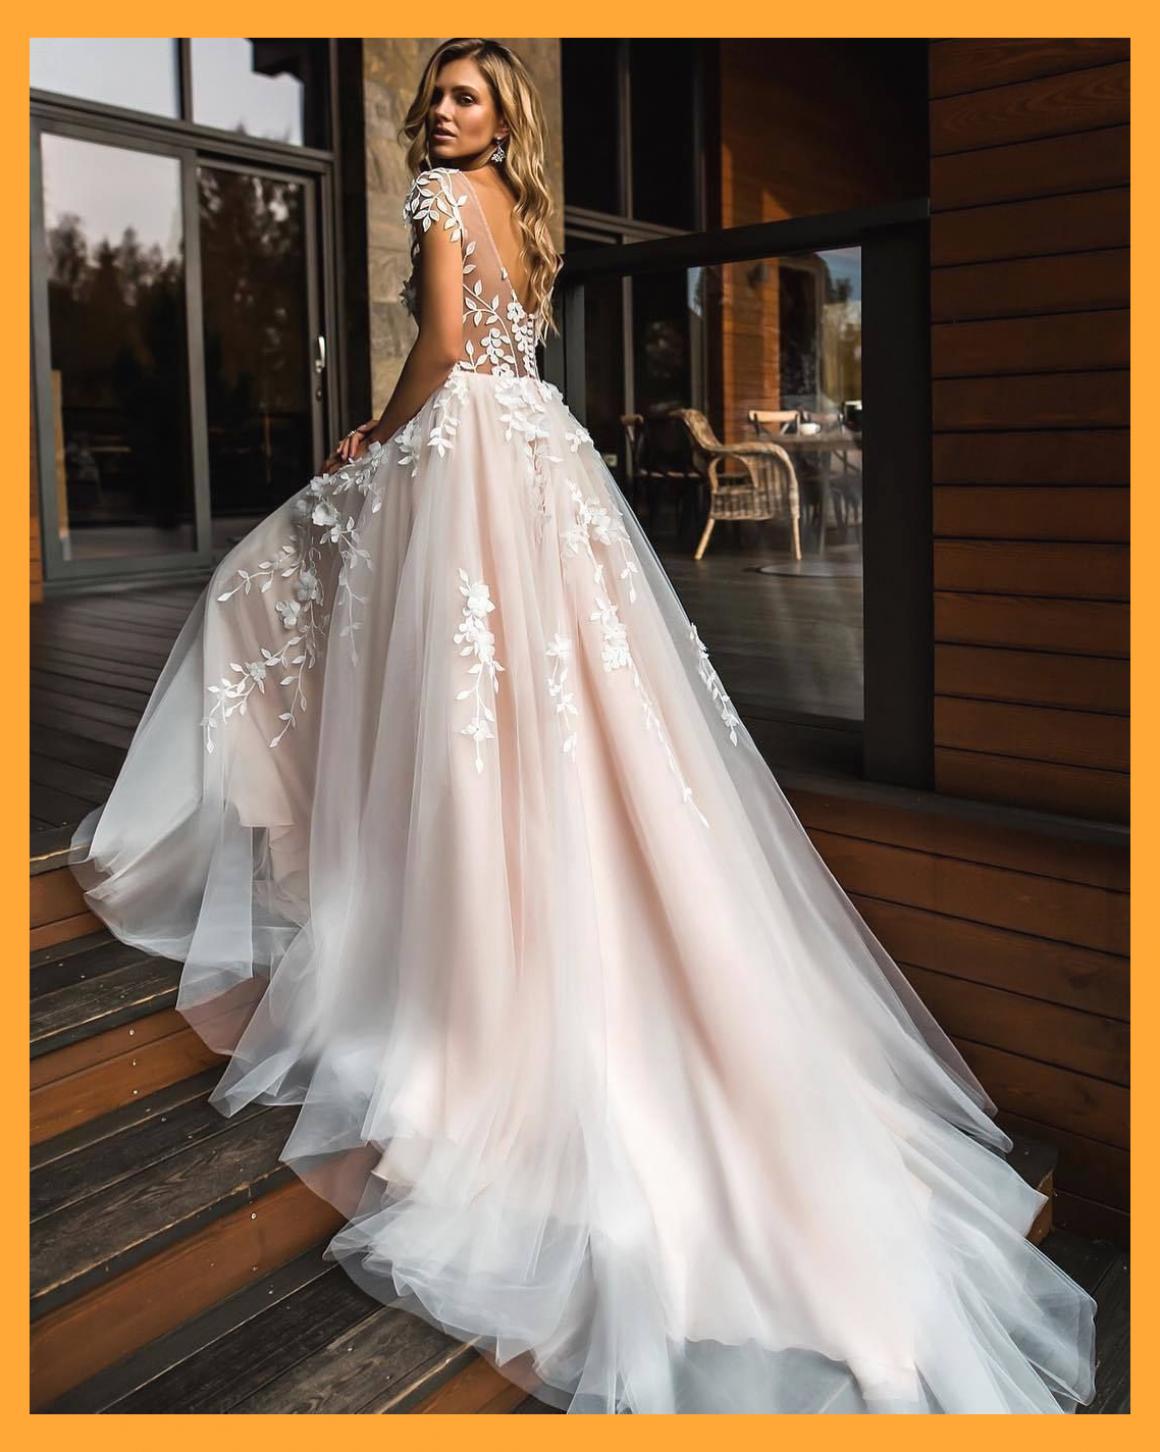 Du suchst nach deinem Brautkleid f r 20 Hier sind die Top 20 ...